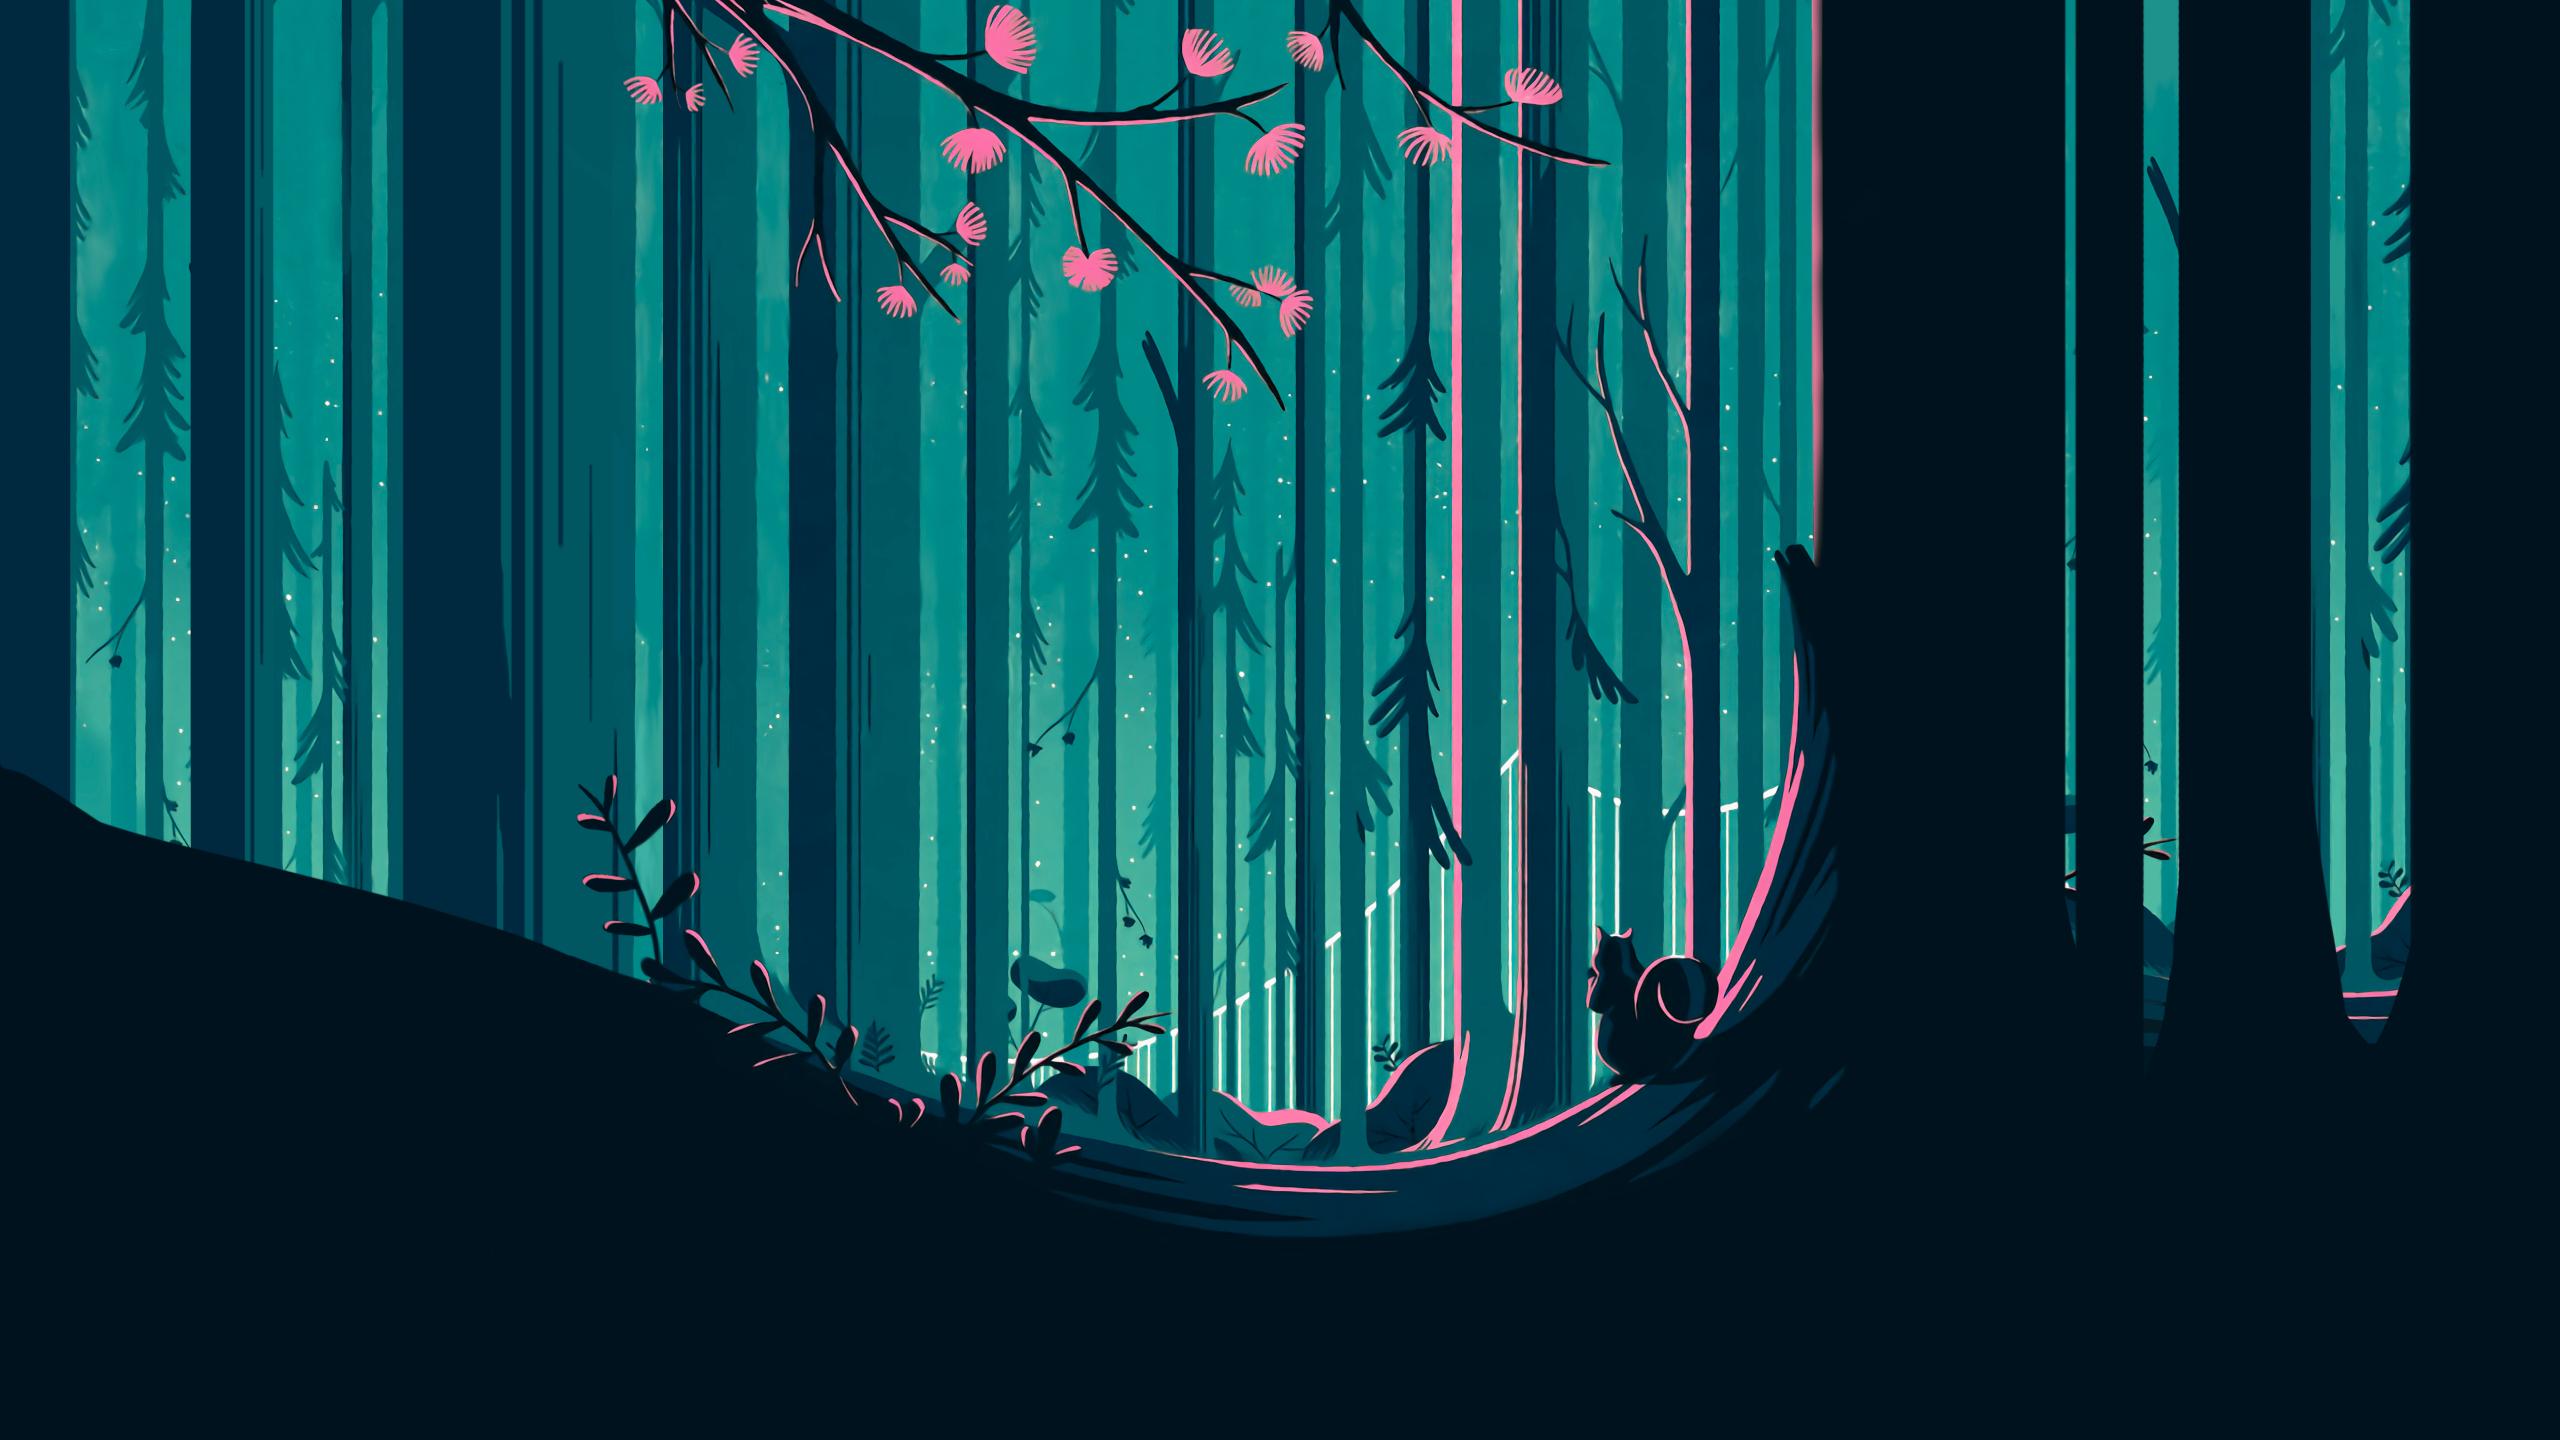 squirrelinaforest.jpg